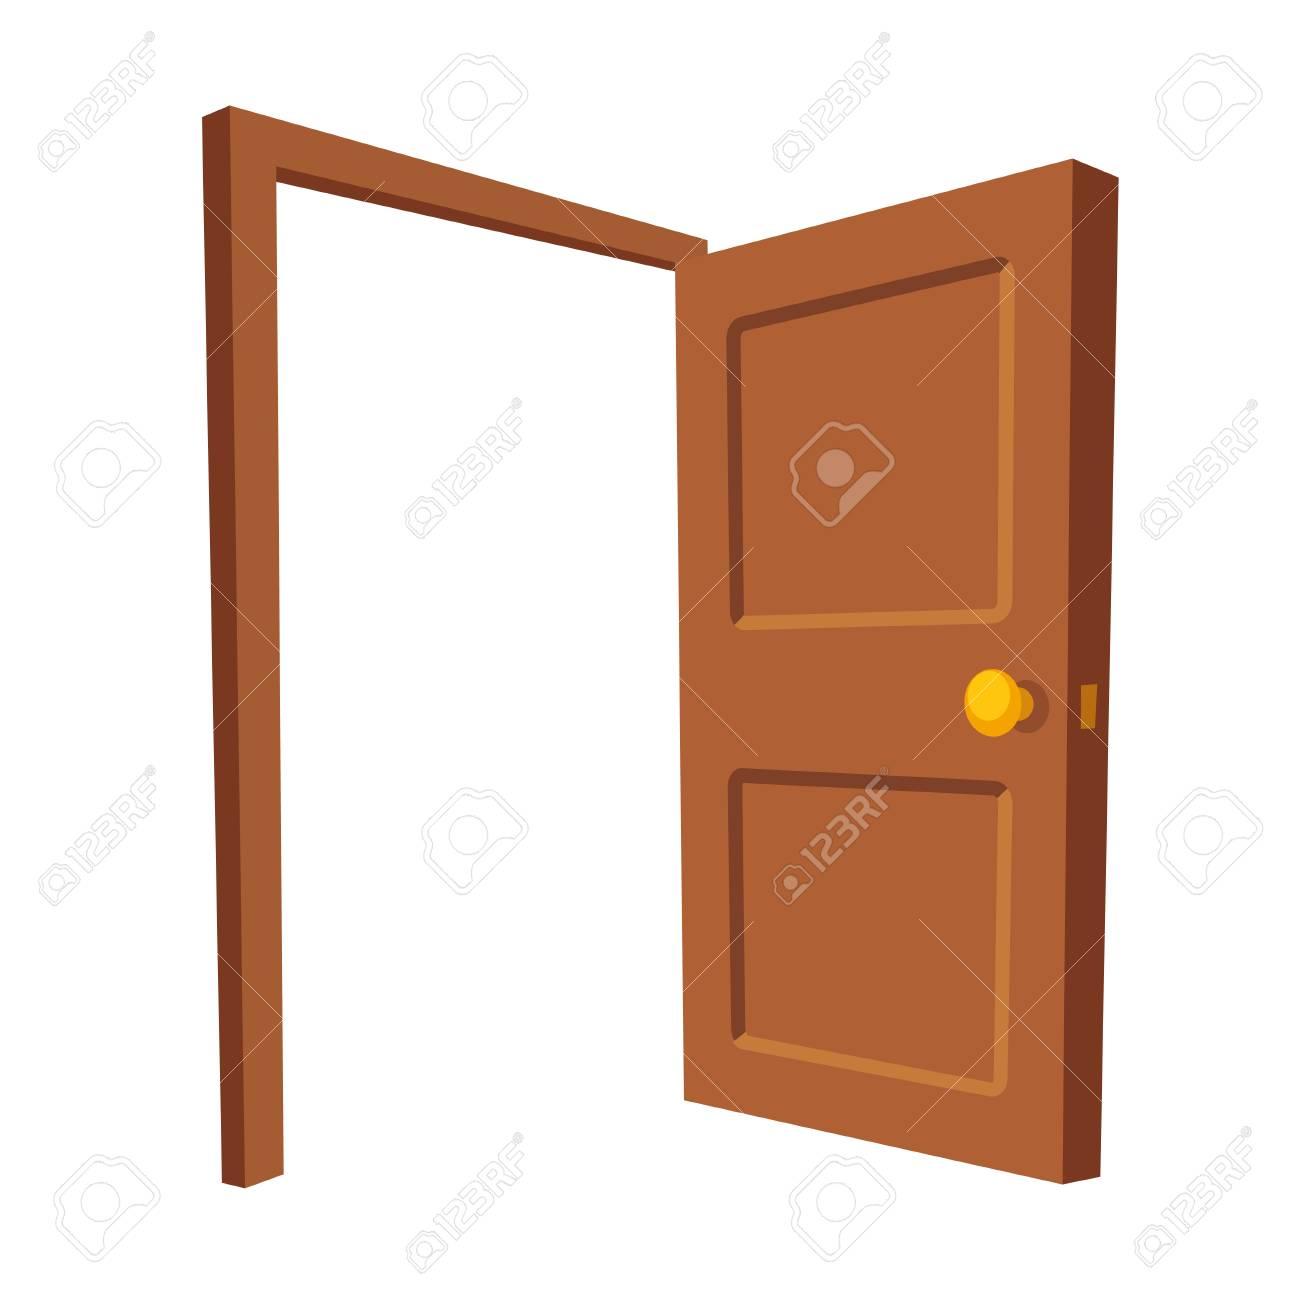 Offene Tür Isoliert Abbildung. Holztürrahmen In Der ...